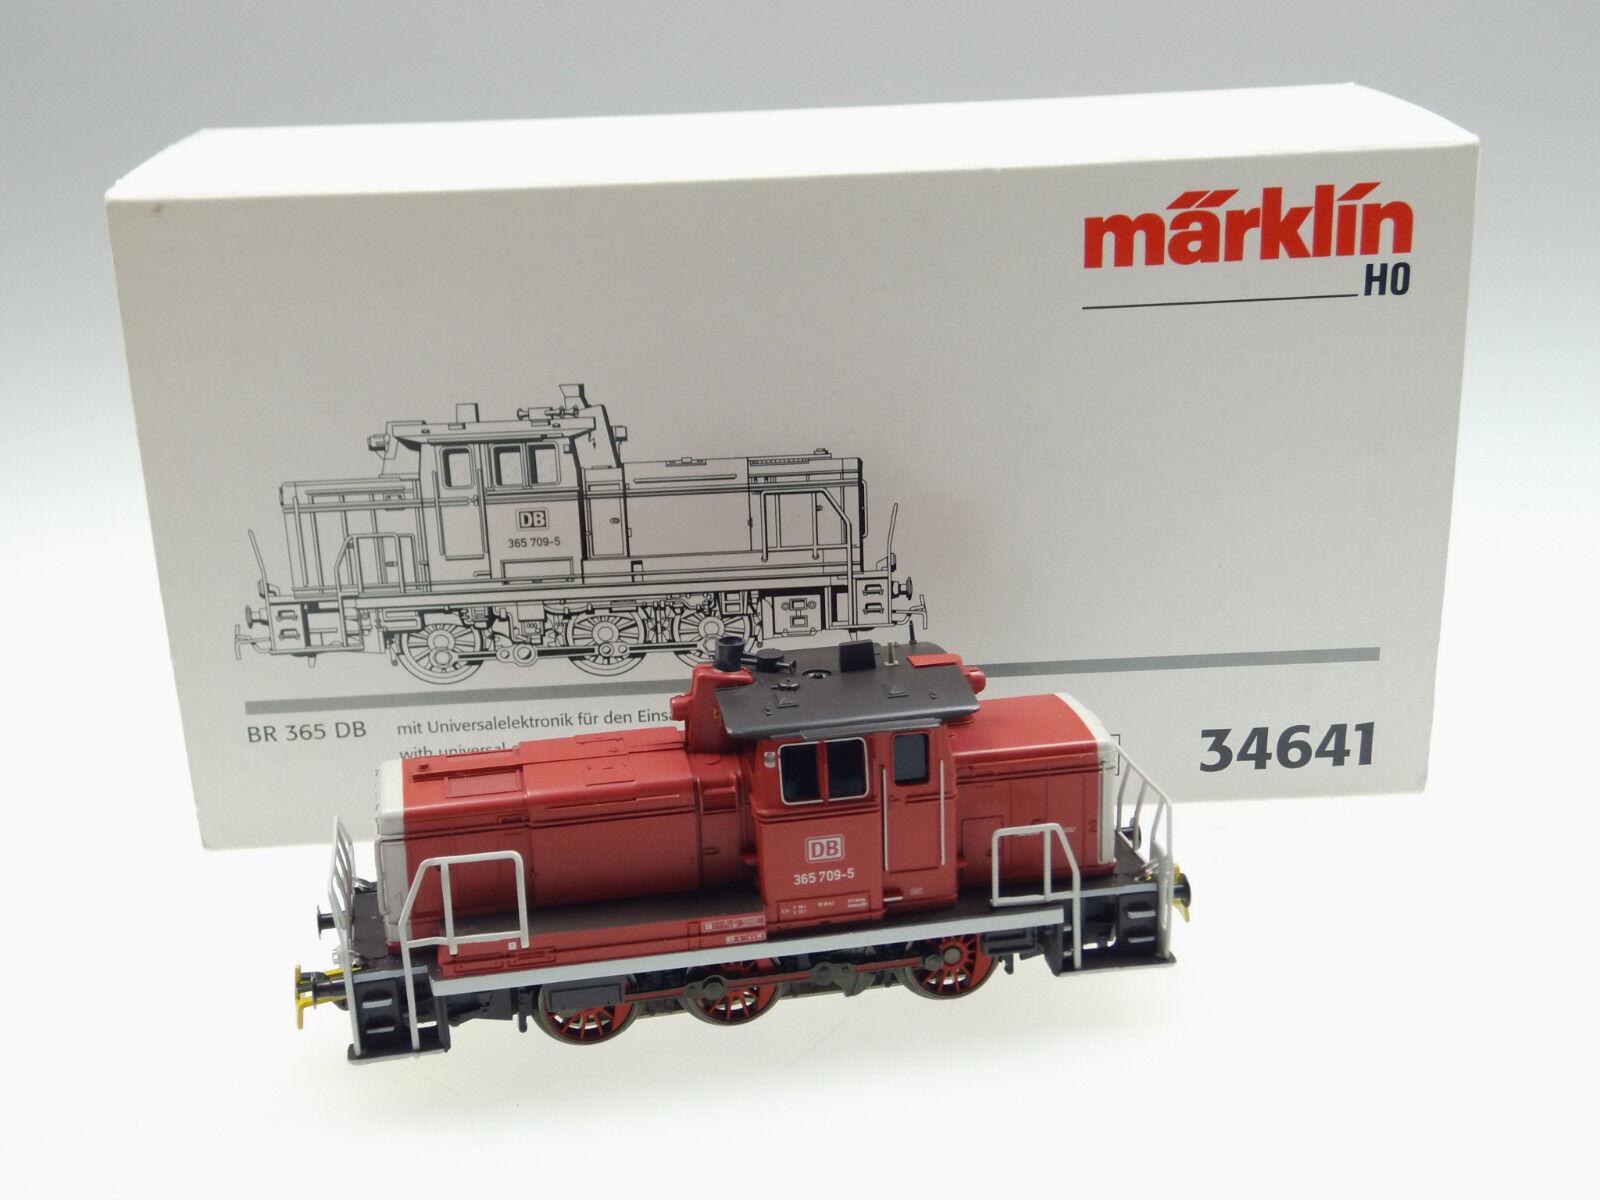 (87 083) Märklin h0 DIESEL BR 365 709-5 DB (Art. - N. 34641) AC digitale telex